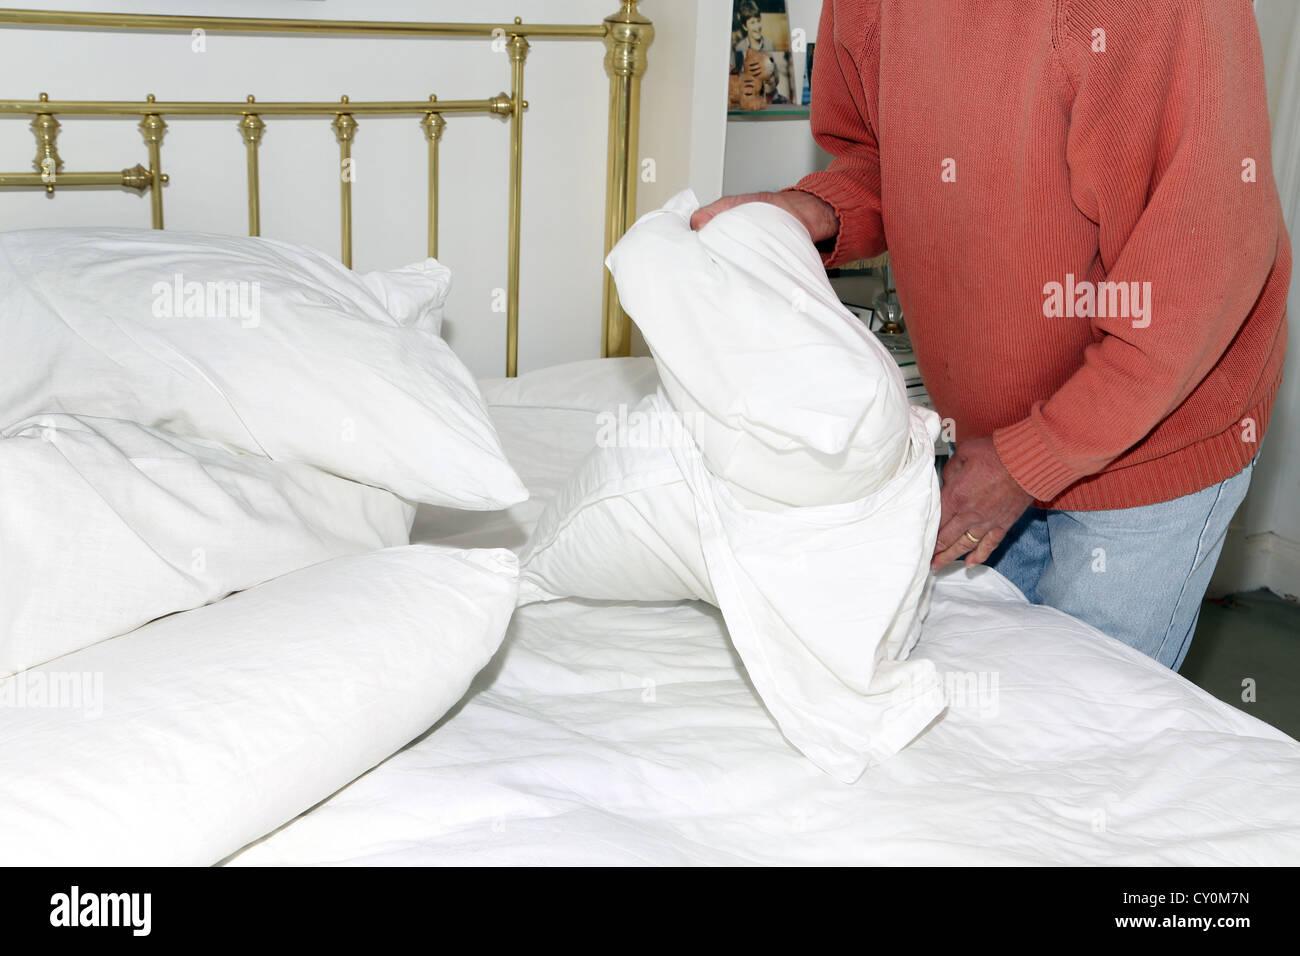 L'uomo cambiare le lenzuola rimozione federa Immagini Stock